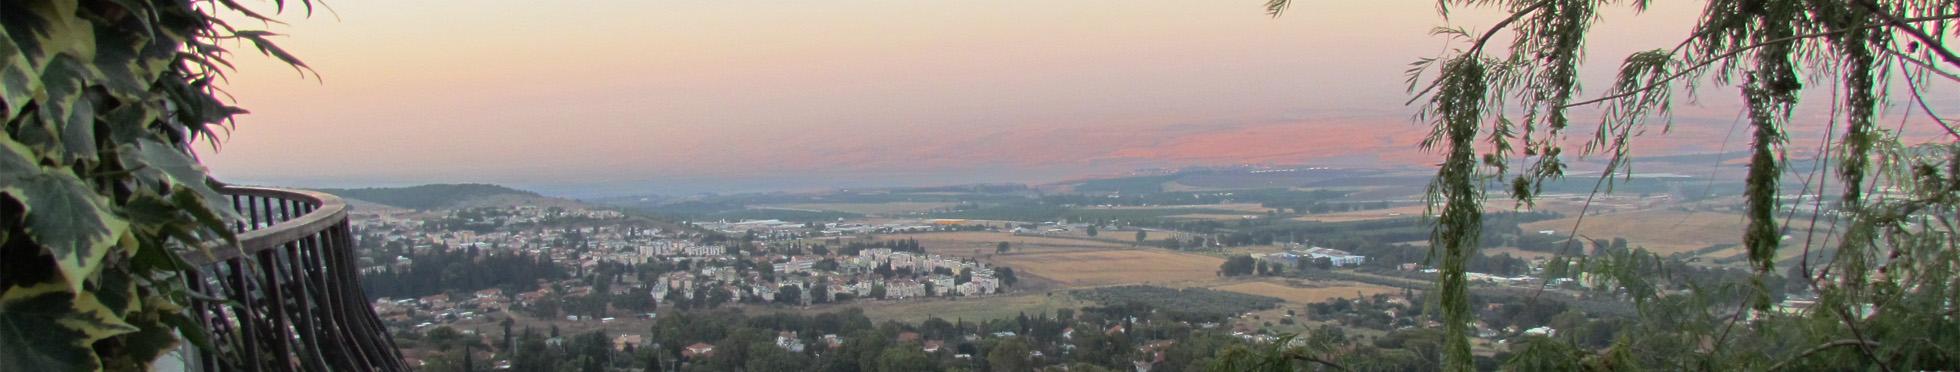 Galilee & Golan